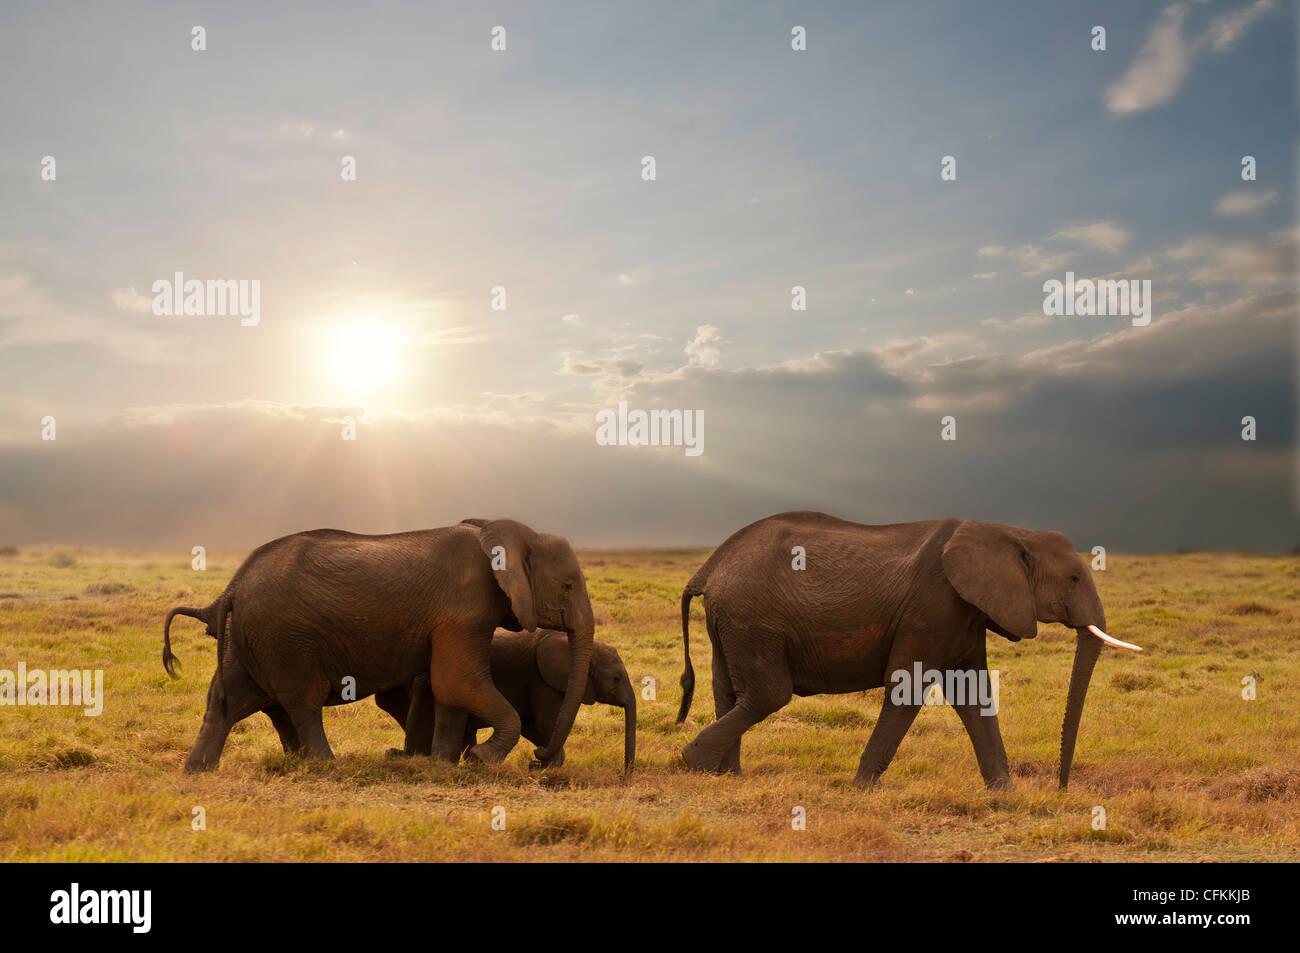 Famille d'éléphants dans le parc national Amboseli, Kenya Banque D'Images